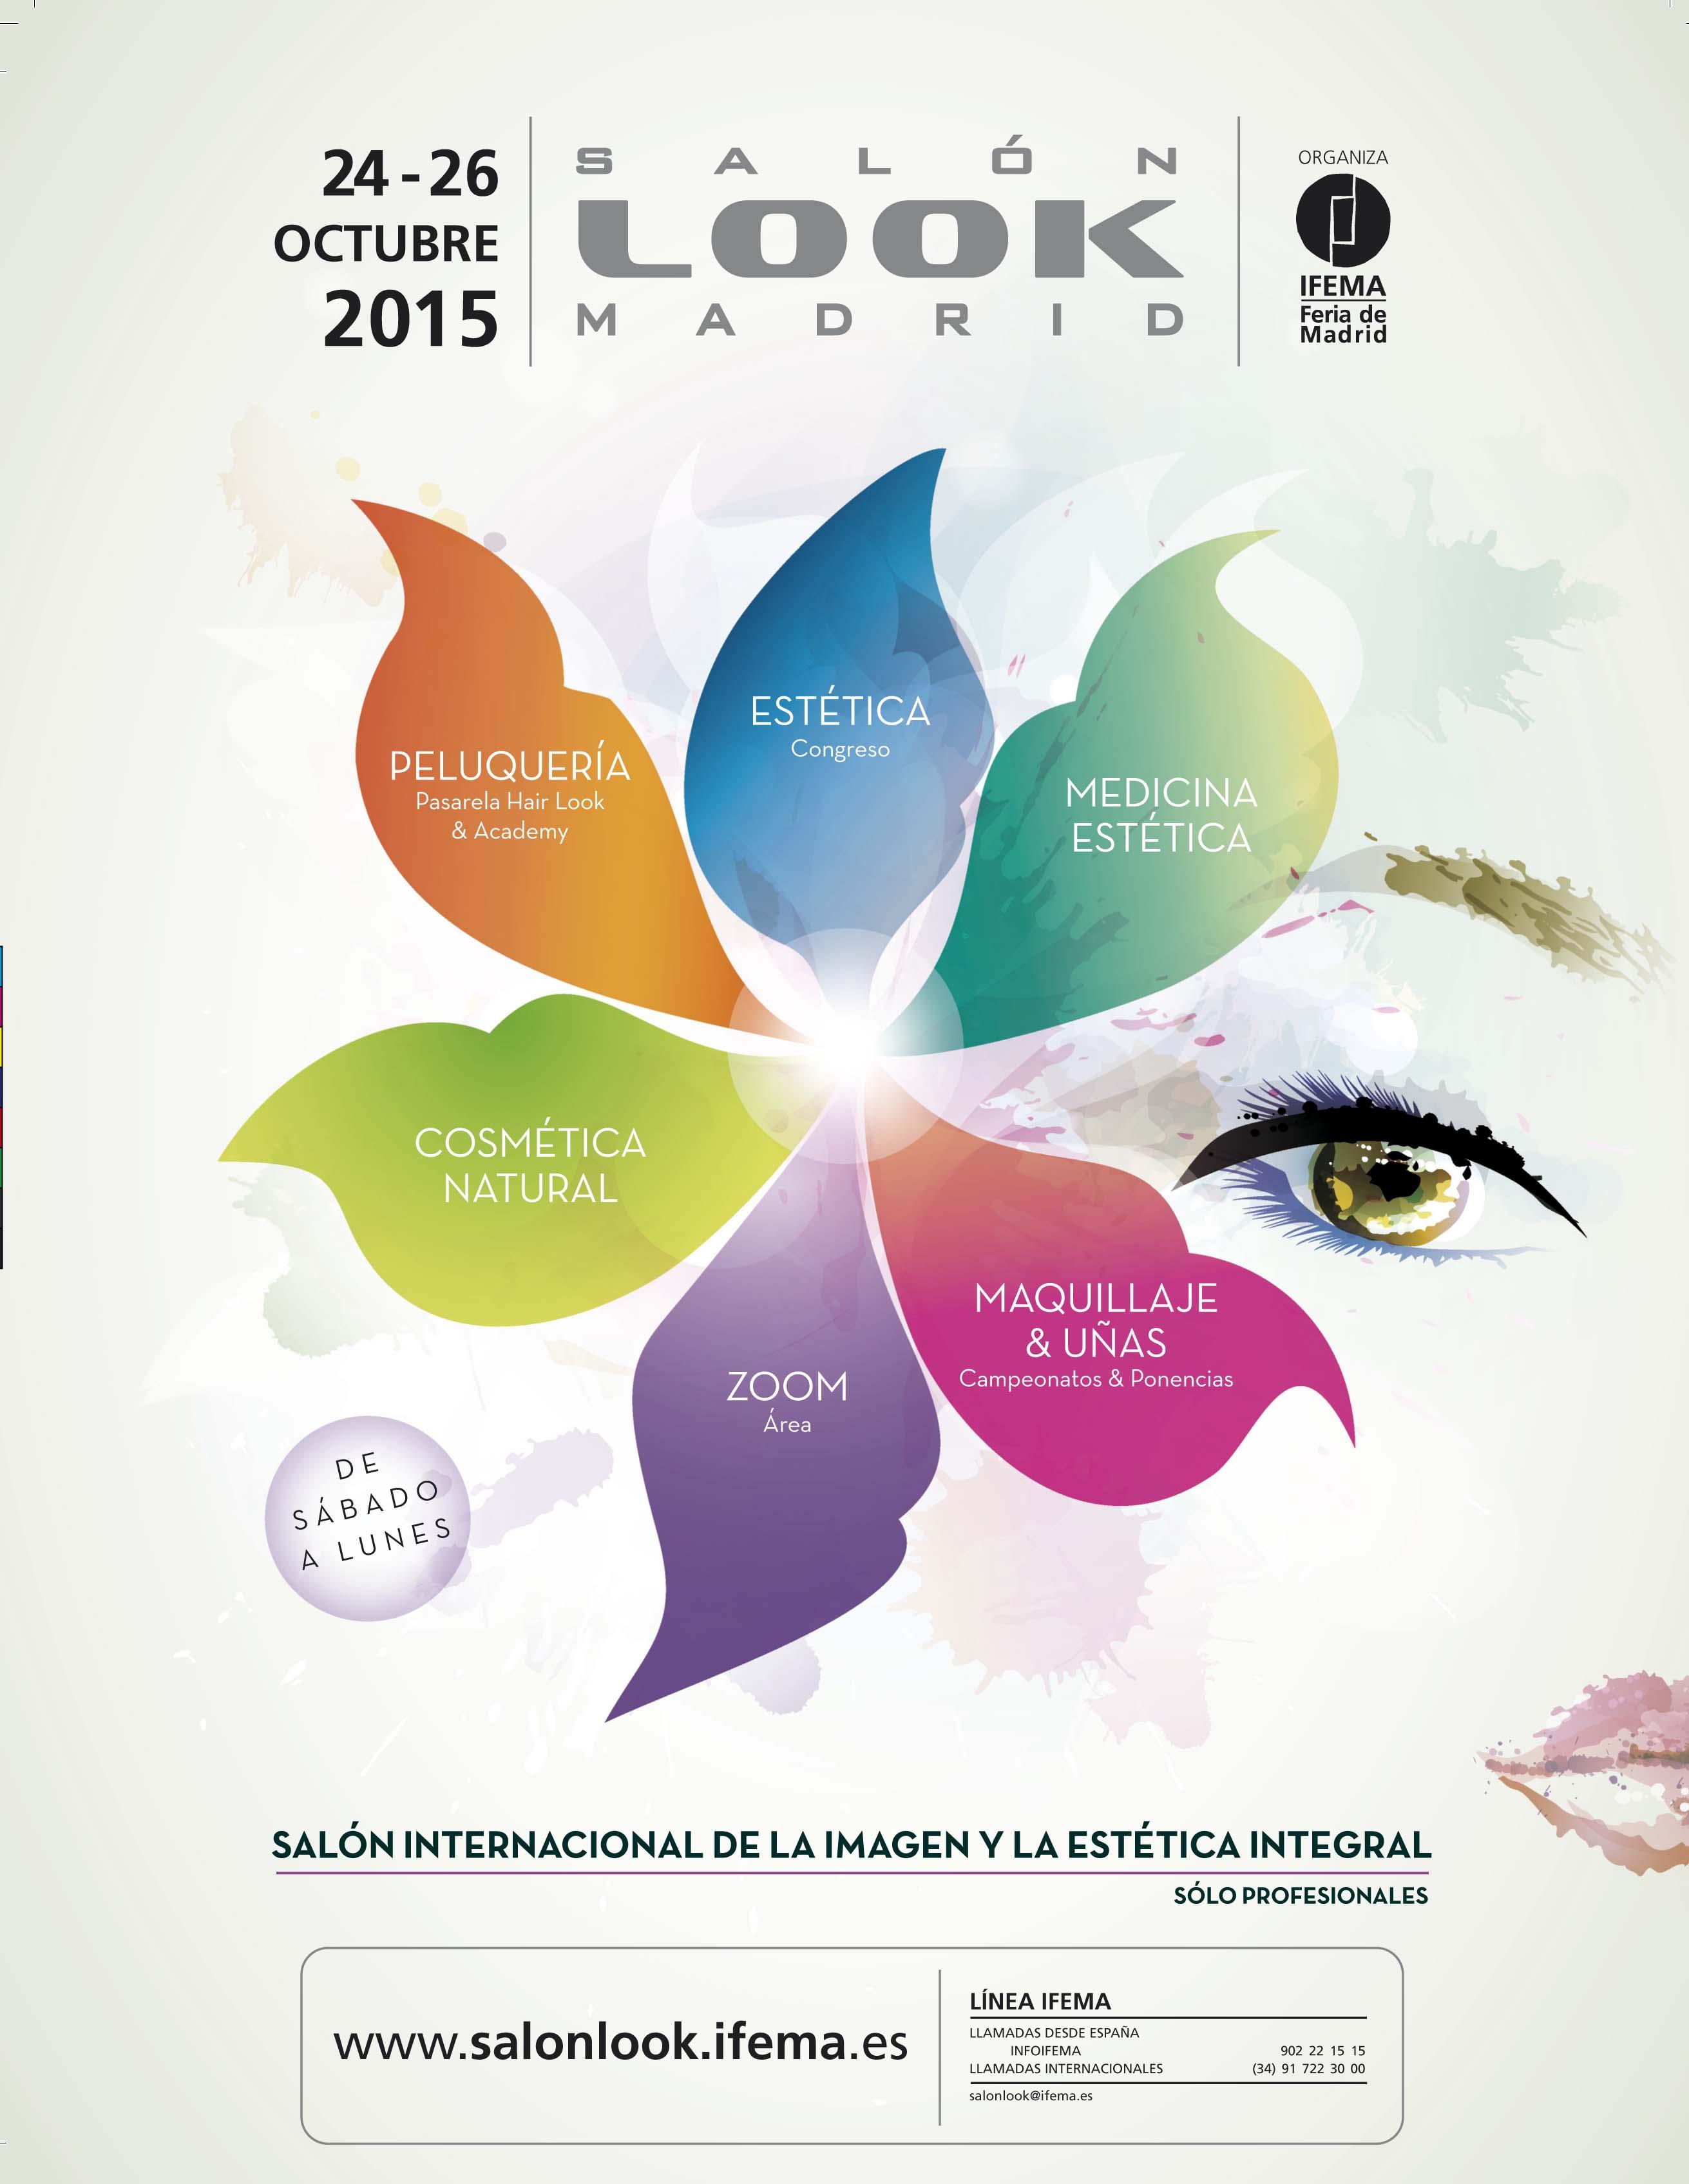 Ifema prepara la décimo octava edición de Salón Look Madrid, del 24 al 26 de octubre